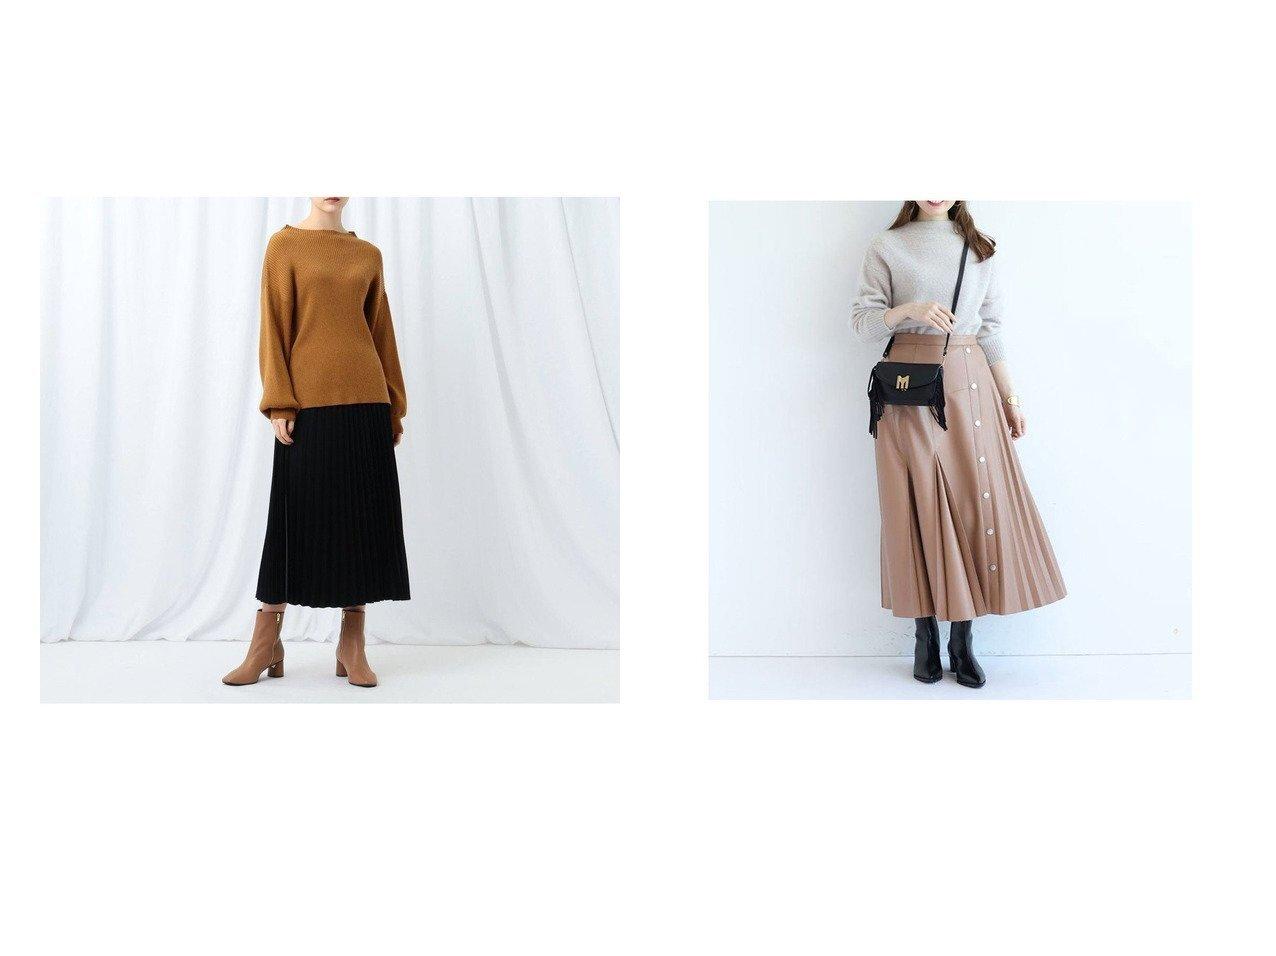 【Apuweiser-riche/アプワイザーリッシェ】のレザープリーツアシメスカート&【INDIVI/インディヴィ】の【WEB限定】ニットトップス&布帛プリーツスカート ニットアップ スカートのおすすめ!人気、レディースファッションの通販 おすすめで人気のファッション通販商品 インテリア・家具・キッズファッション・メンズファッション・レディースファッション・服の通販 founy(ファニー) https://founy.com/ ファッション Fashion レディース WOMEN トップス Tops Tshirt ニット Knit Tops スカート Skirt プリーツスカート Pleated Skirts セットアップ ドレープ 定番 バランス プリーツ ボトルネック メランジ 秋冬 A/W Autumn/ Winter ミモレ  ID:crp329100000002701